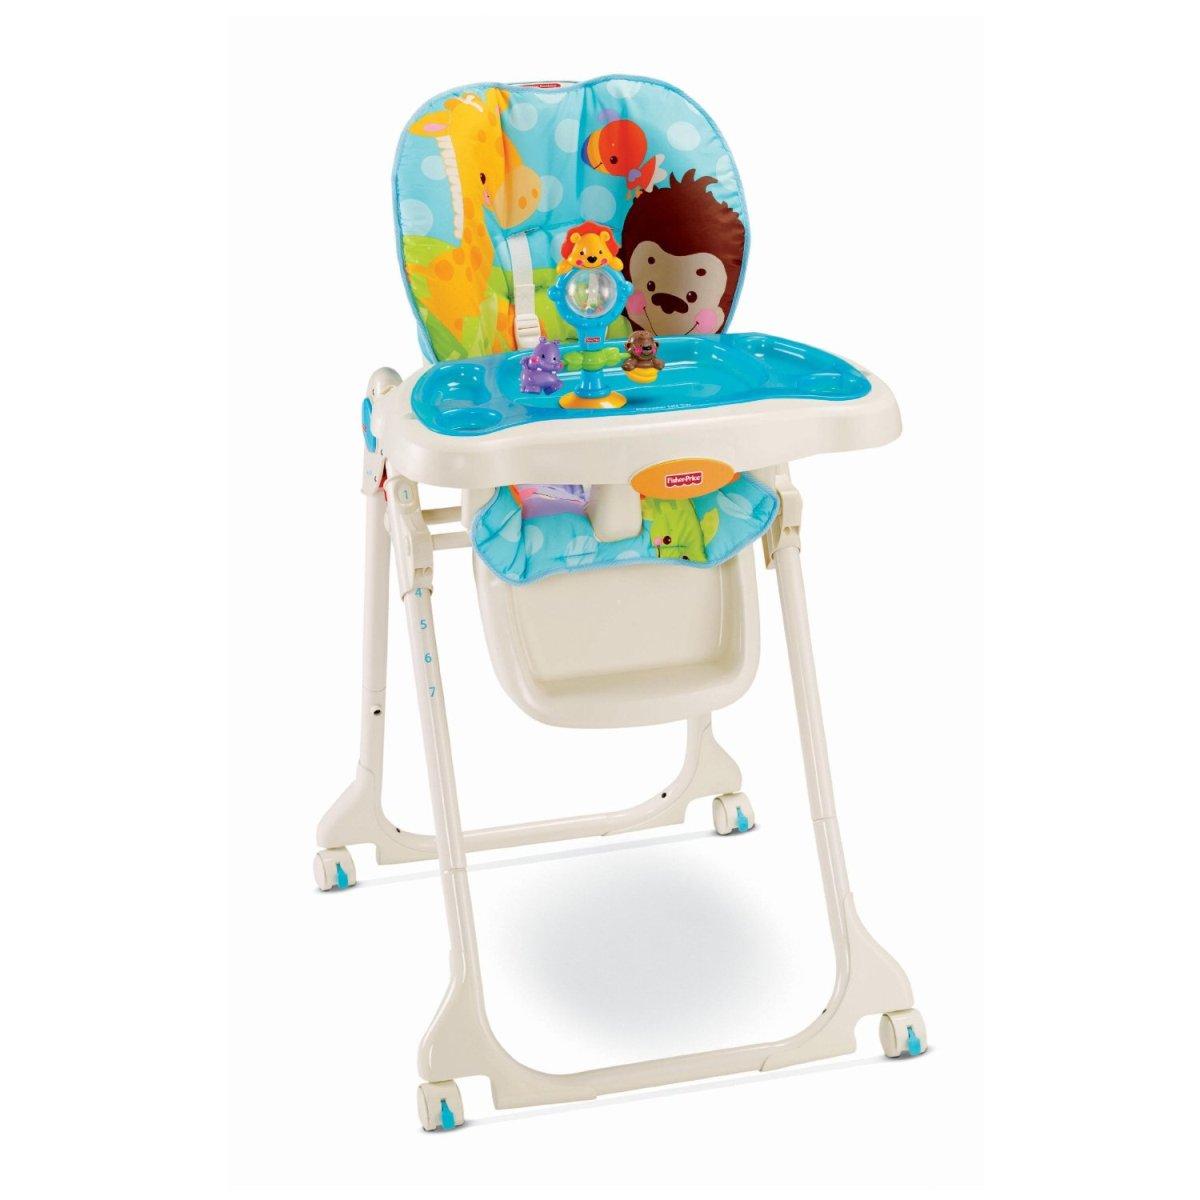 เก้าอี้ทานข้าวเด็ก Fisher Price High Chair - Precious Planet Sky Blue สีฟ้าสดใส